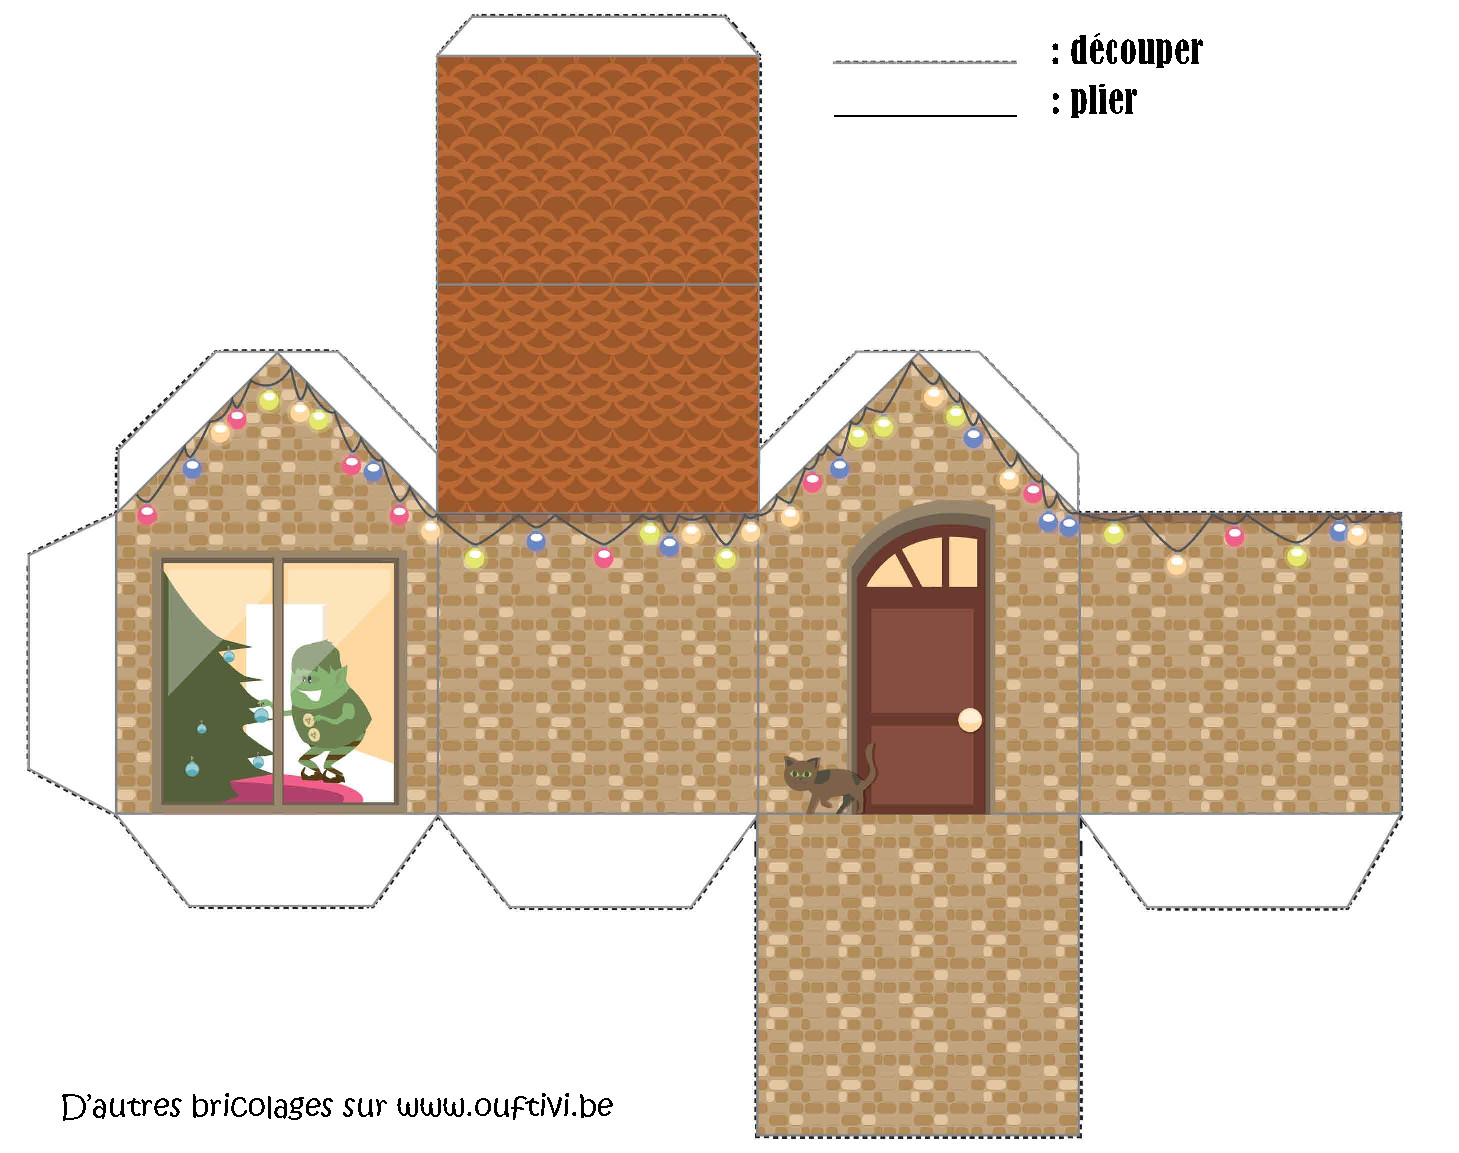 Bricolage maison de no l 3 ouftivi - Bricolage en bois pour noel ...